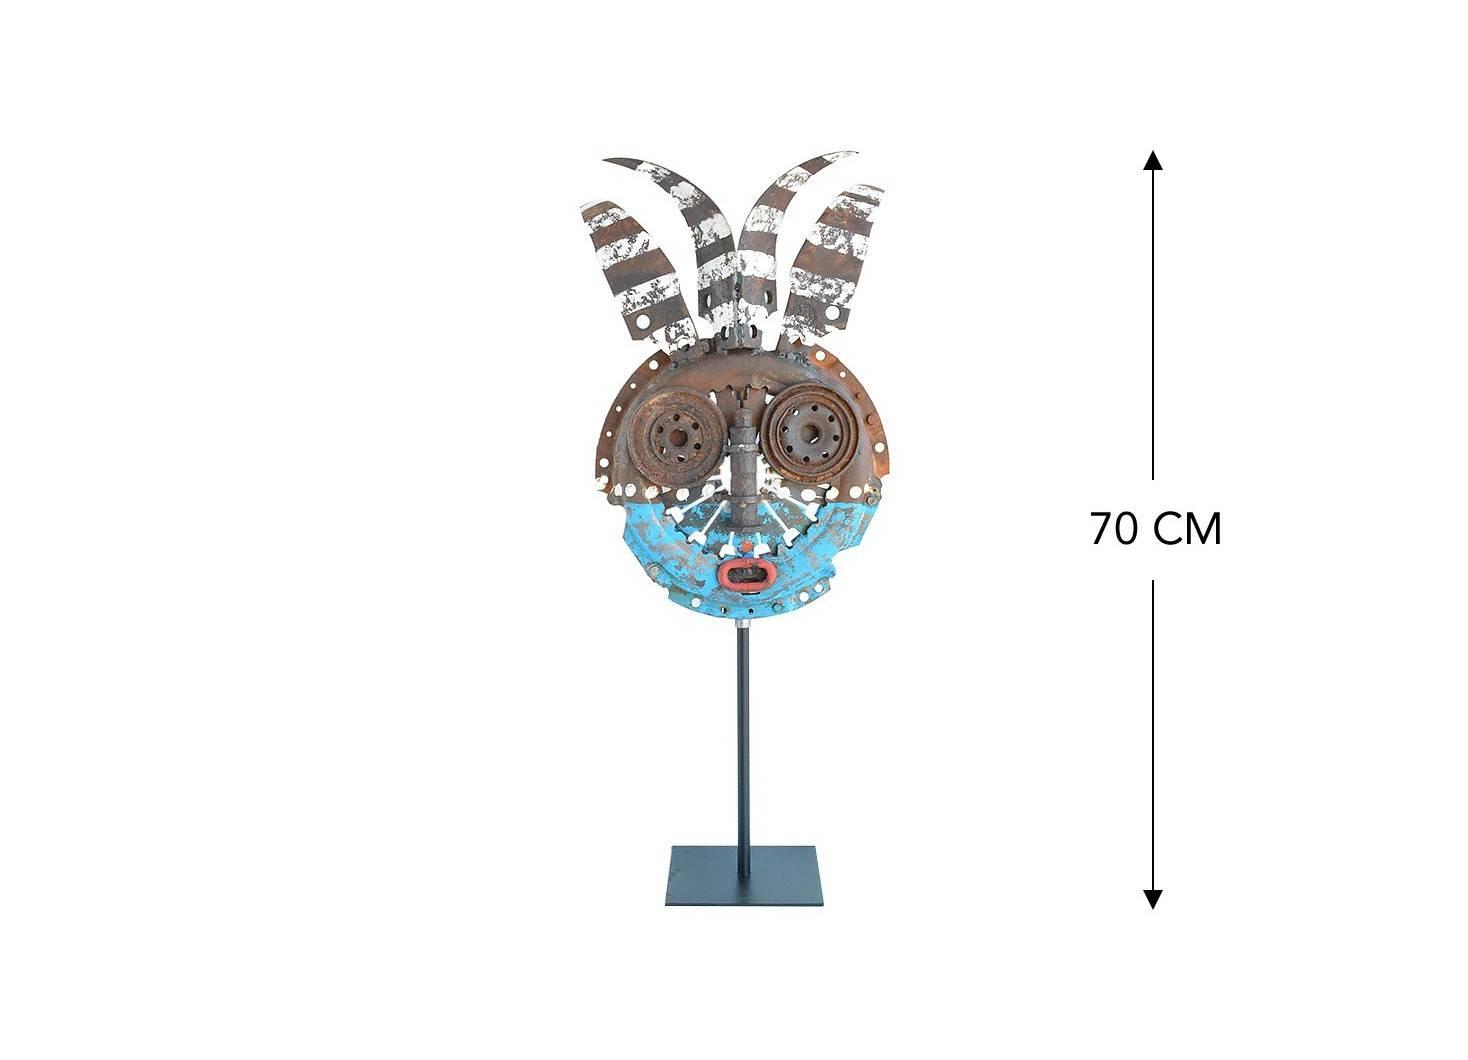 Masque décoratif en métal recyclé - MA230